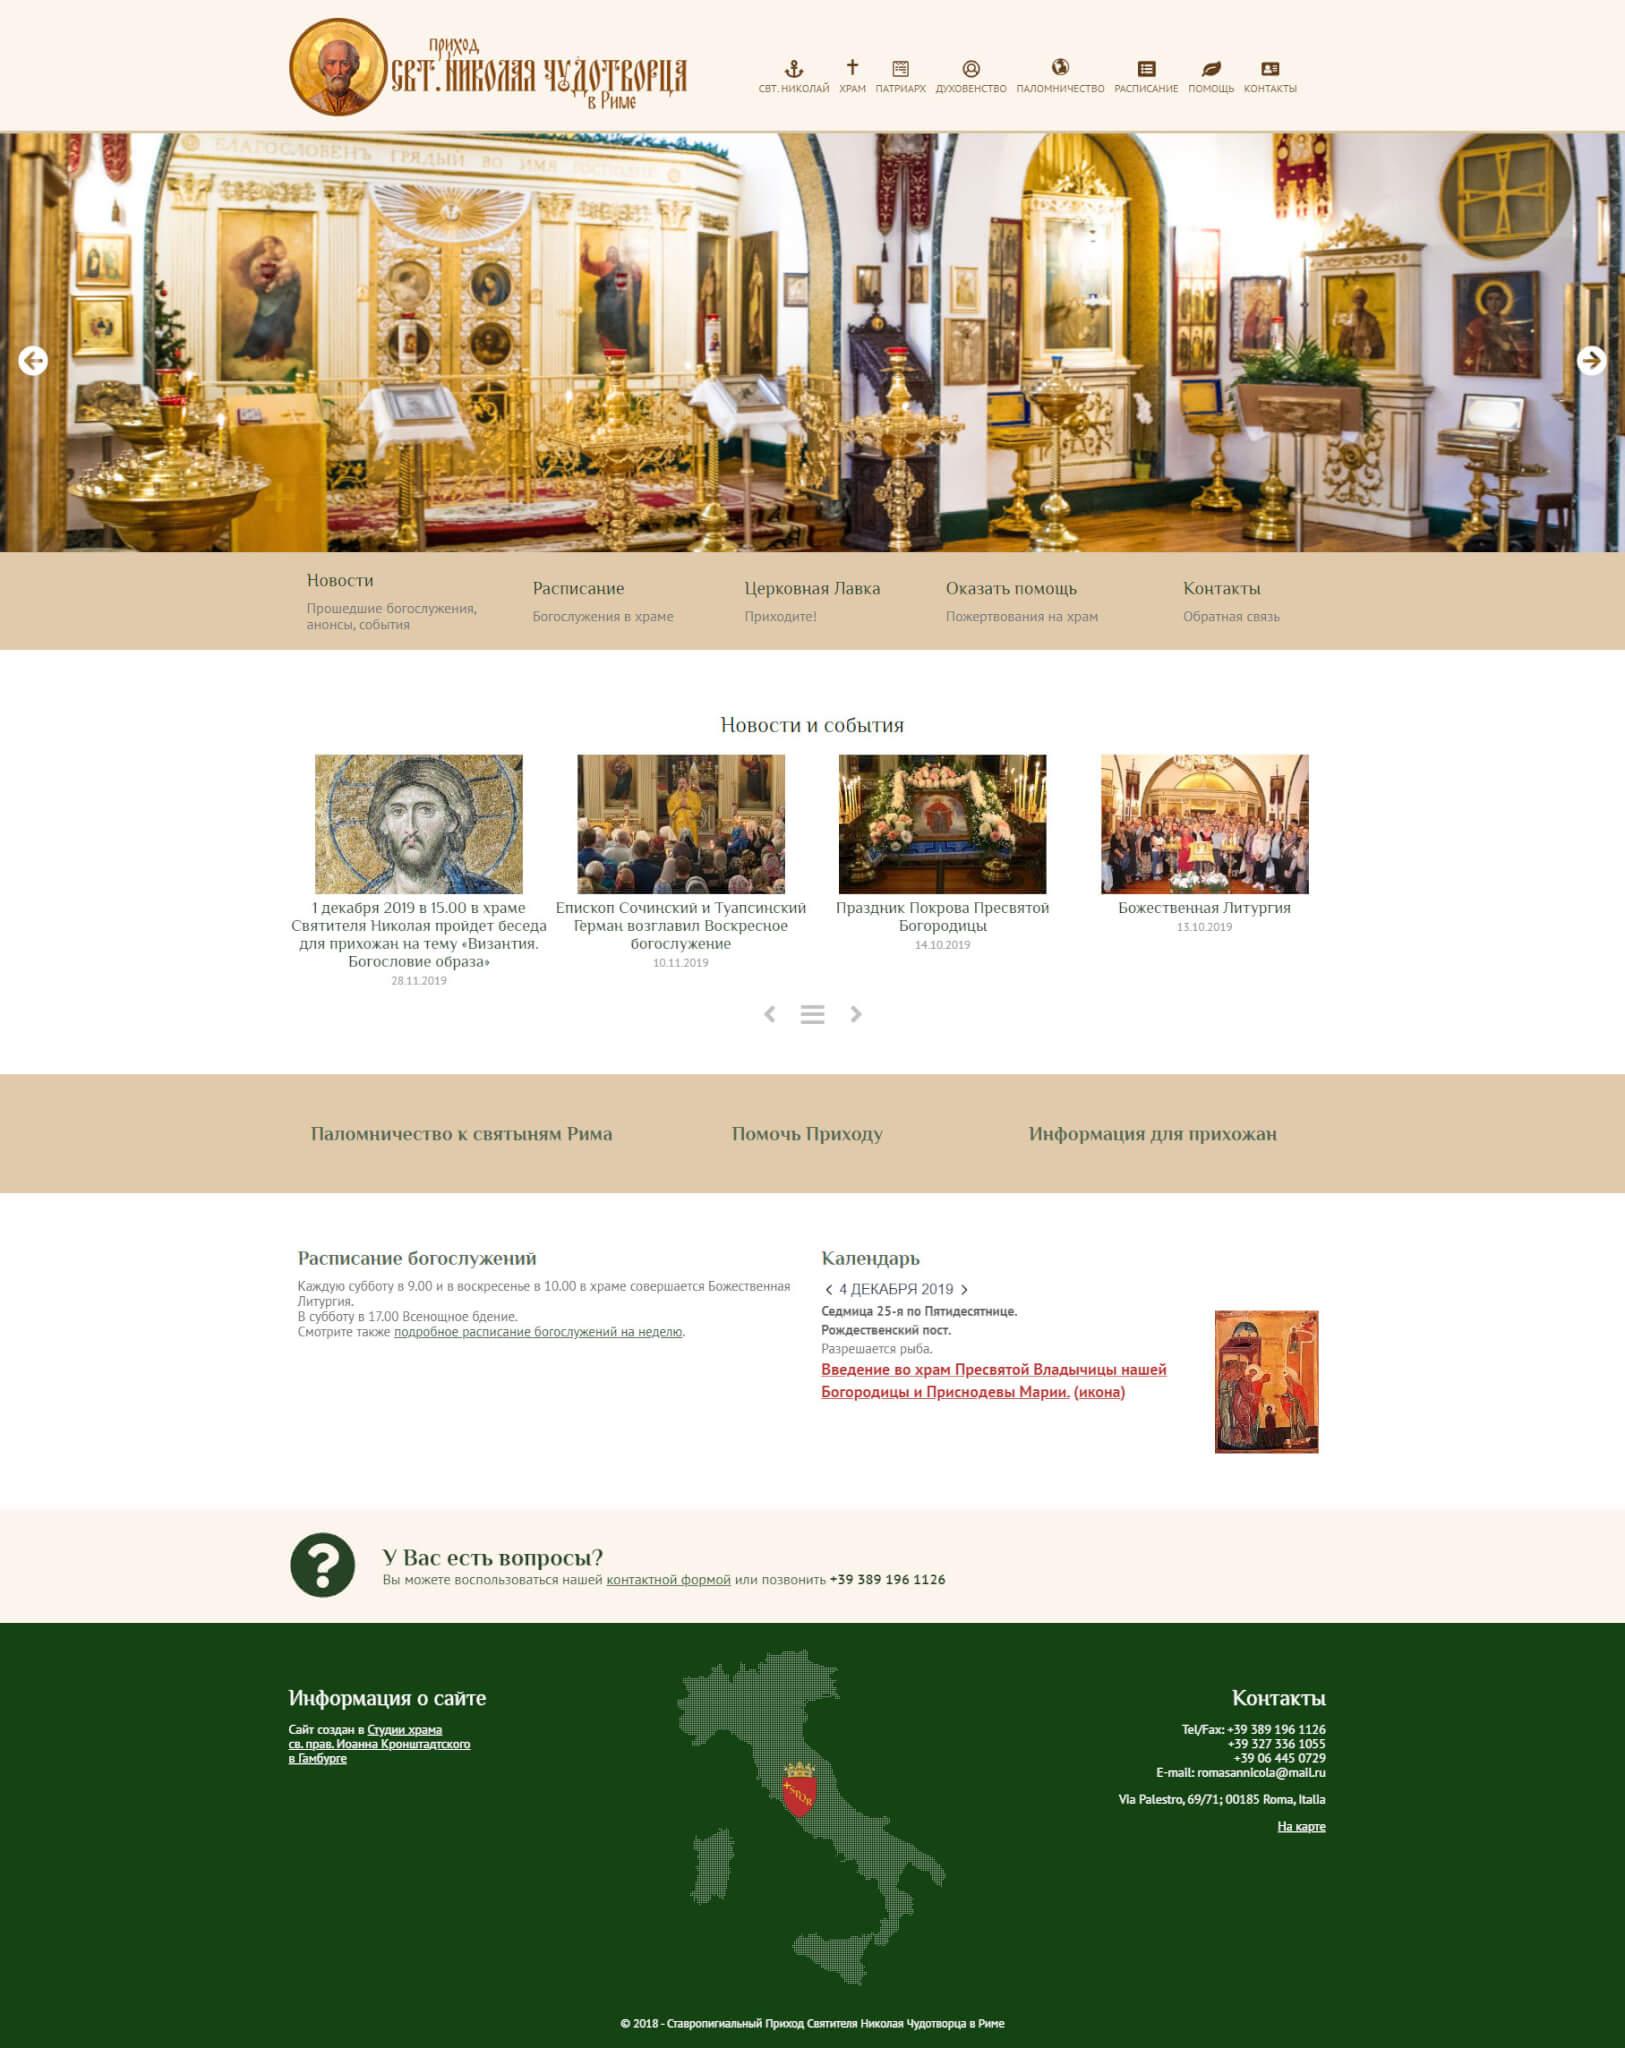 Ставропигиальный Приход Святителя Николая Чудотворца в Риме